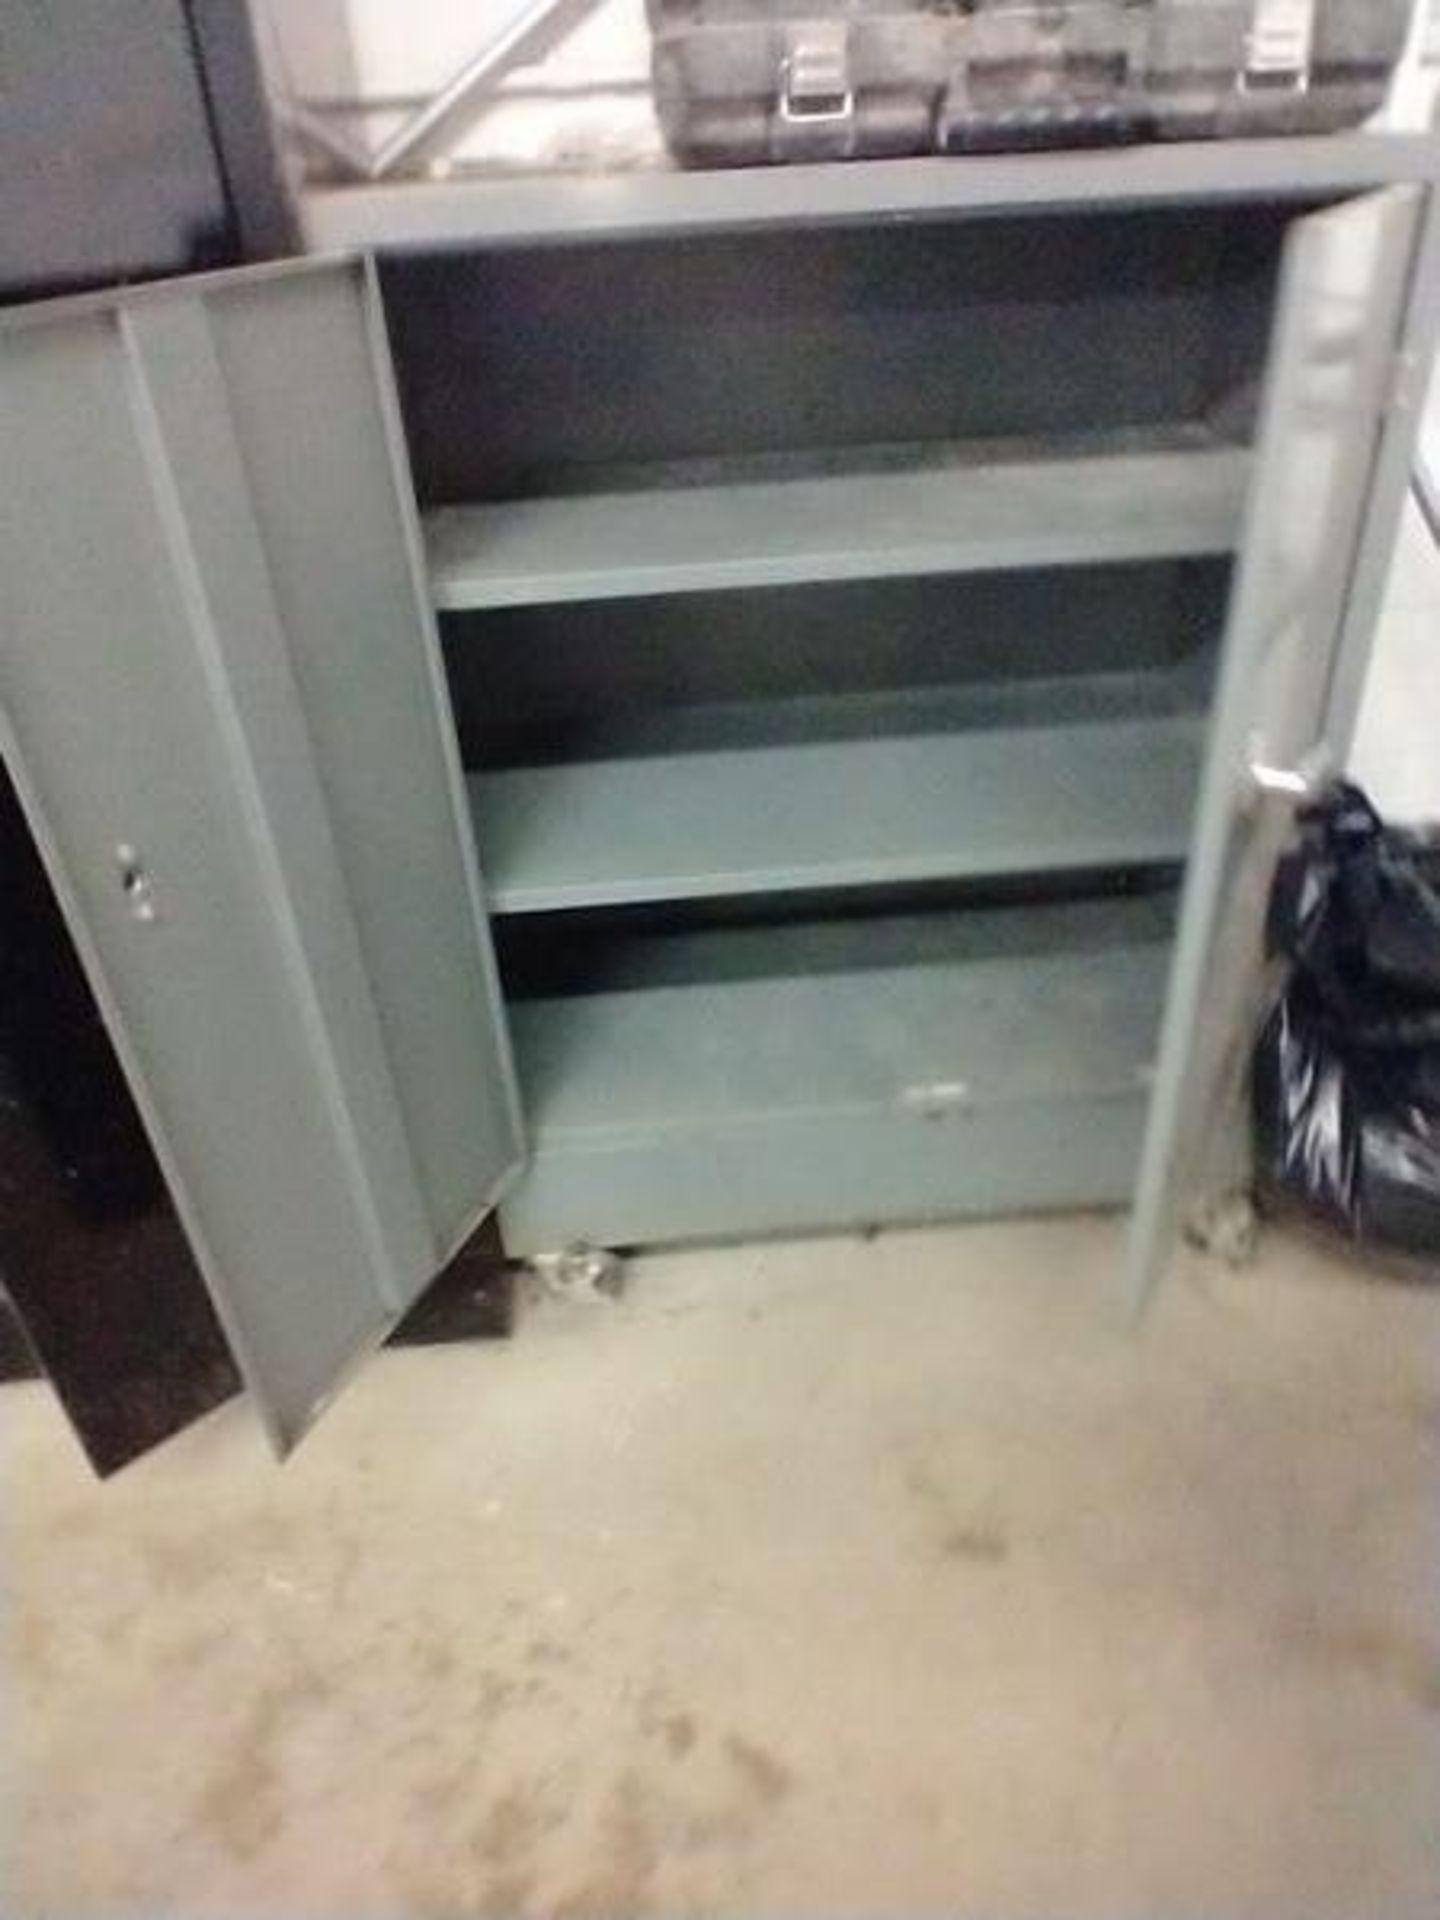 METAL 2 DOOR STORAGE CABINET ON CASTERS - Image 2 of 2